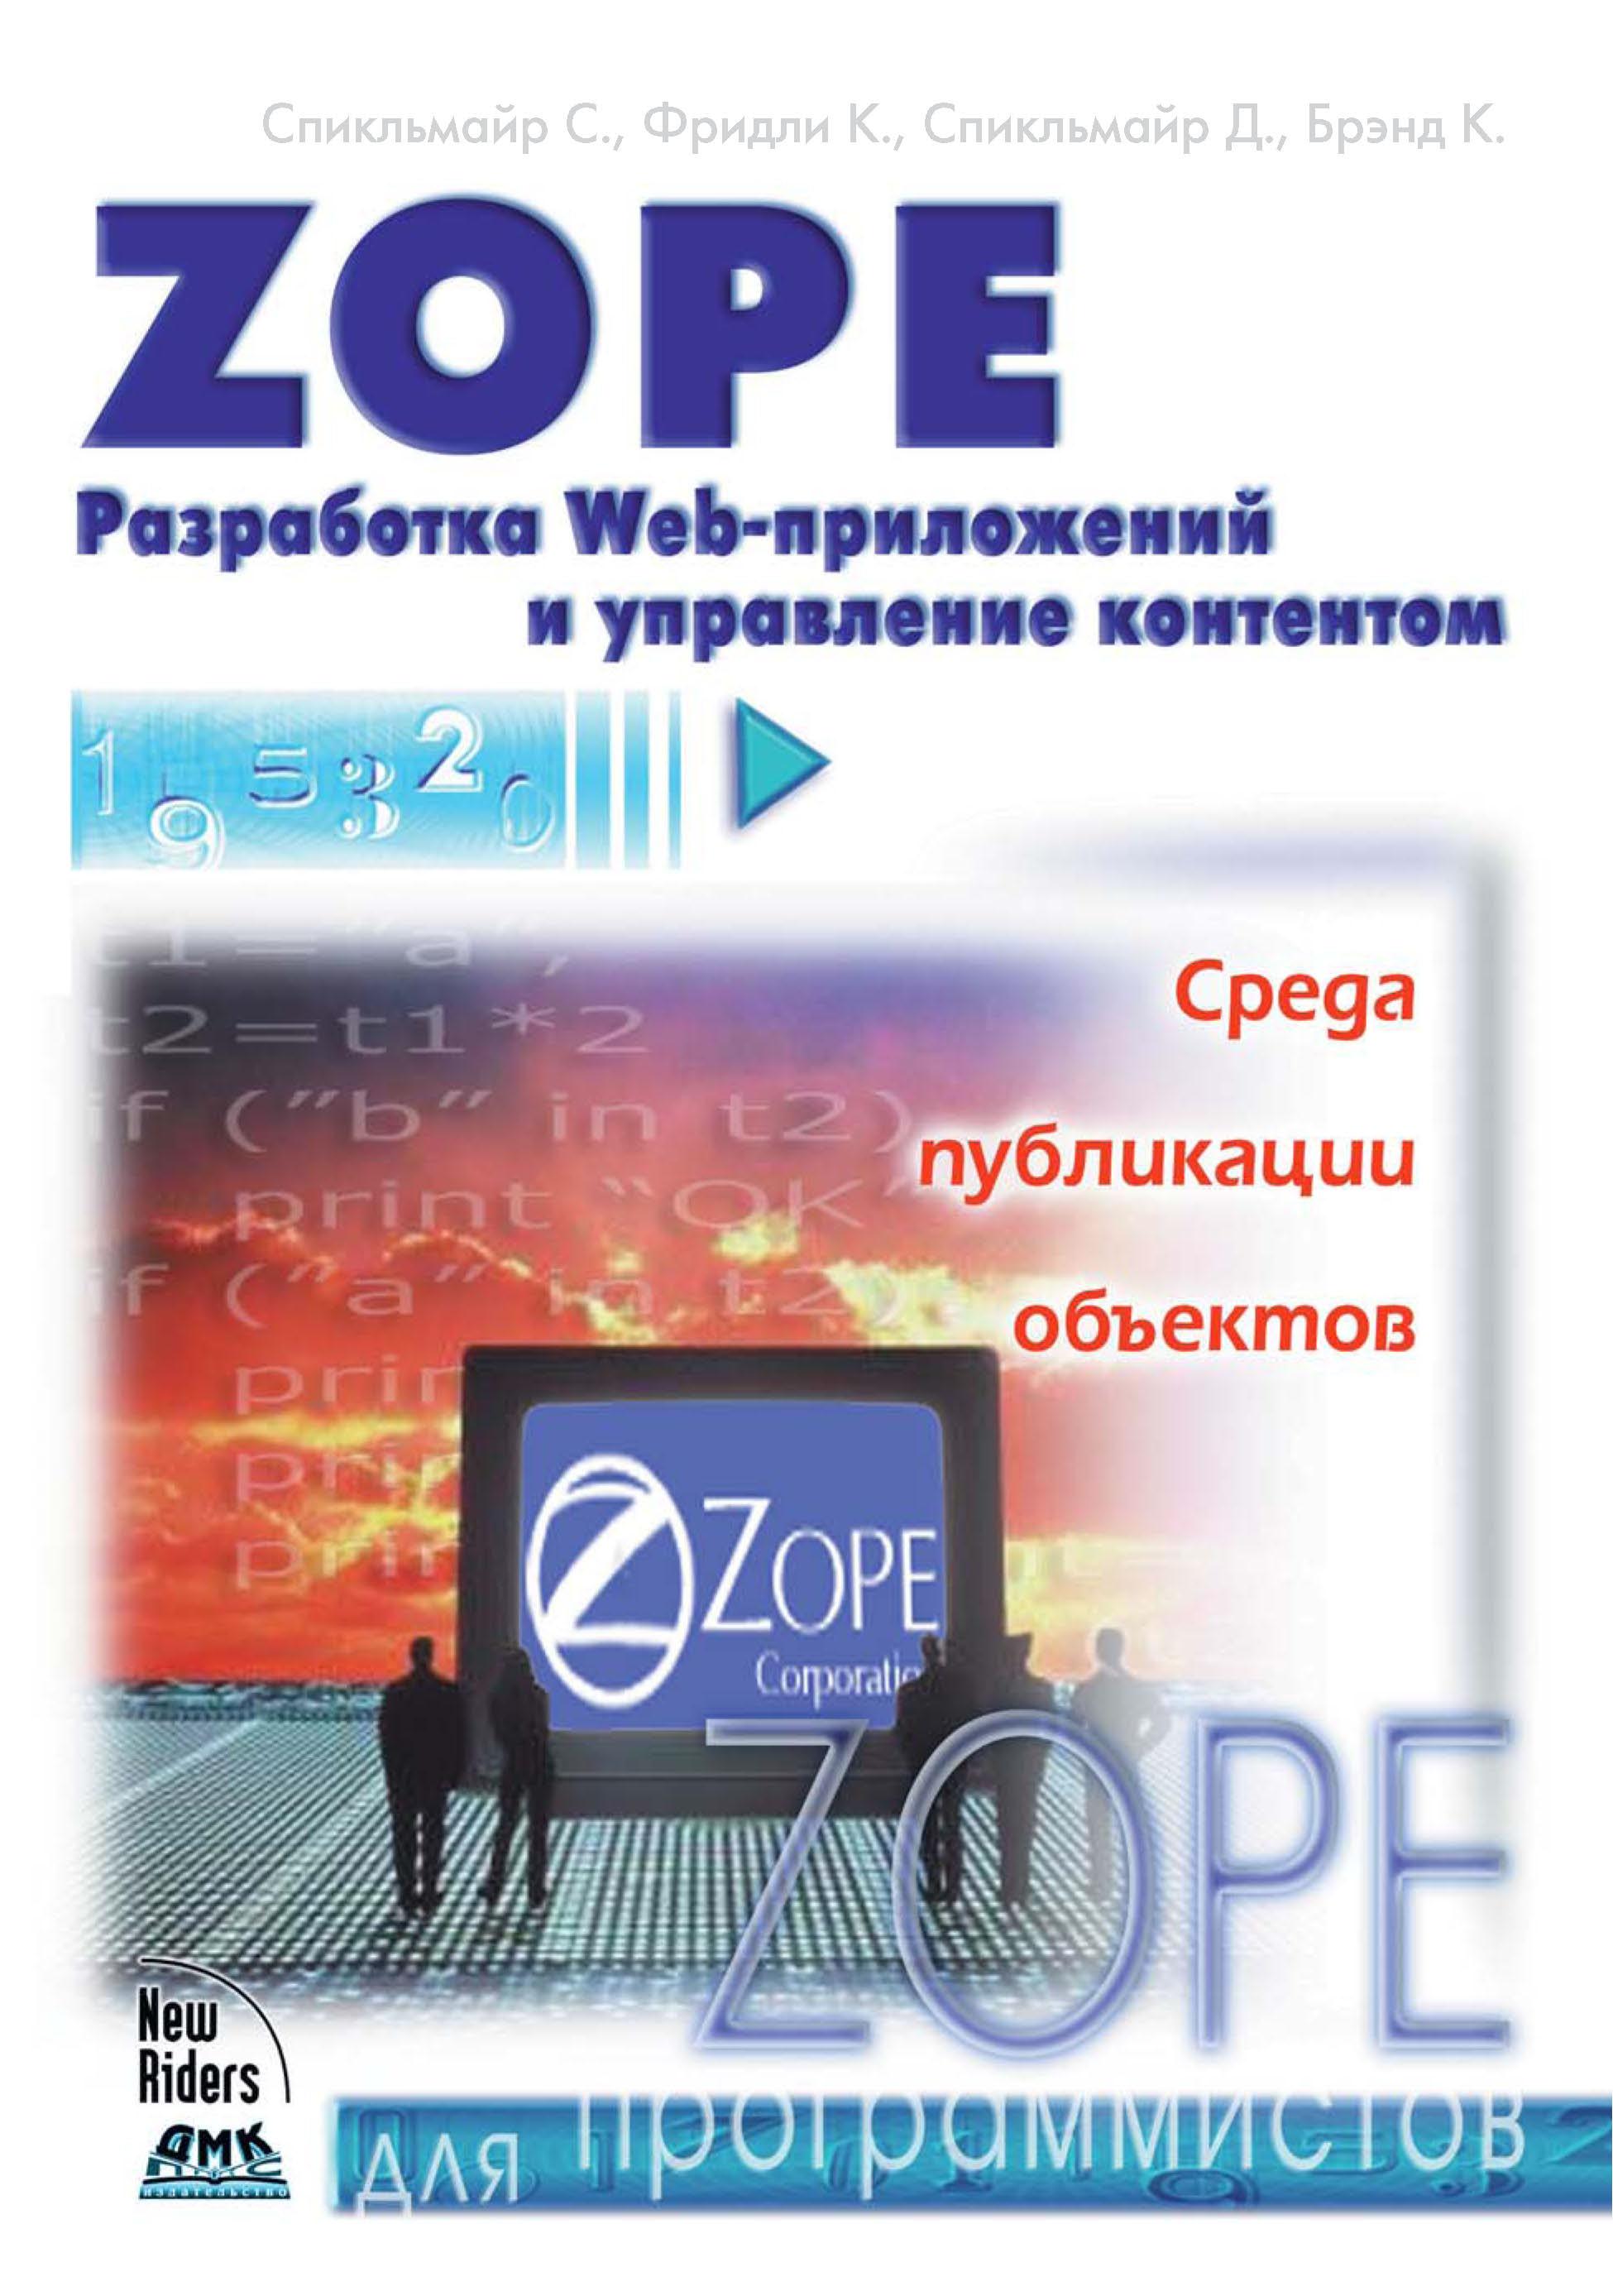 Zope.Разработка Web-приложений и управление контентом